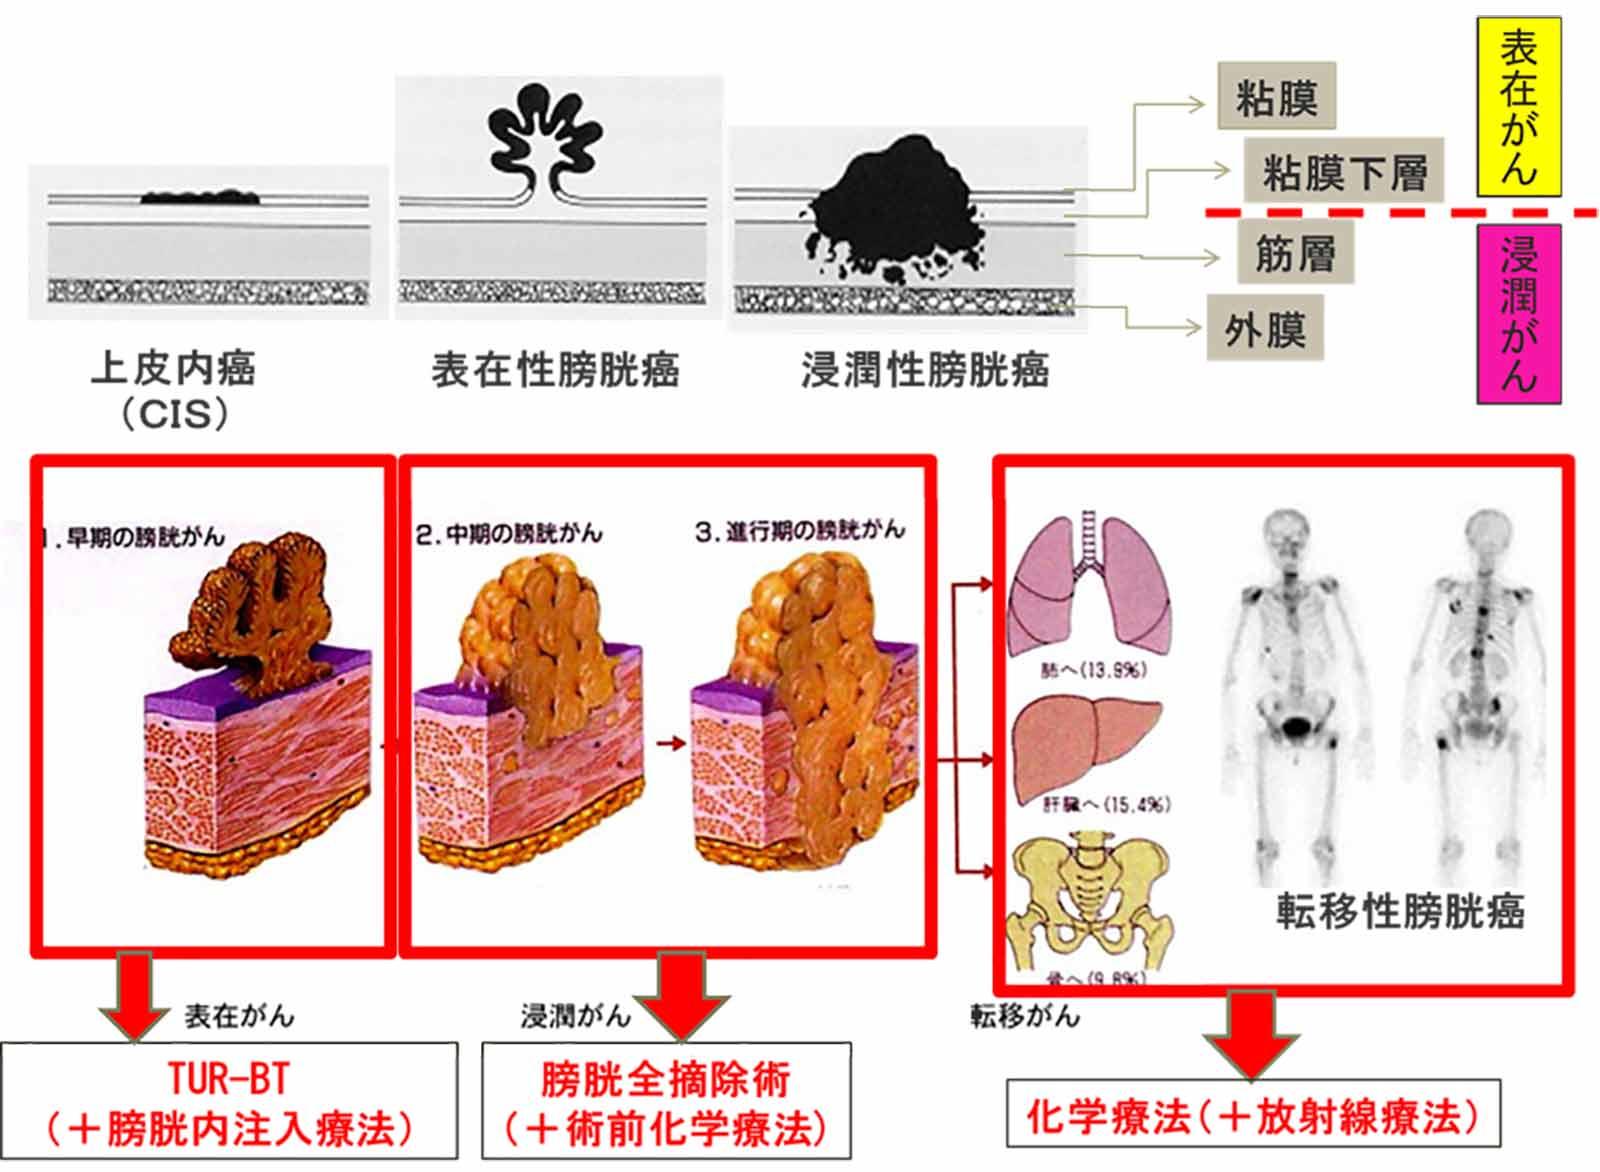 膀胱がんの深達度(病巣の深さ)による治療方法